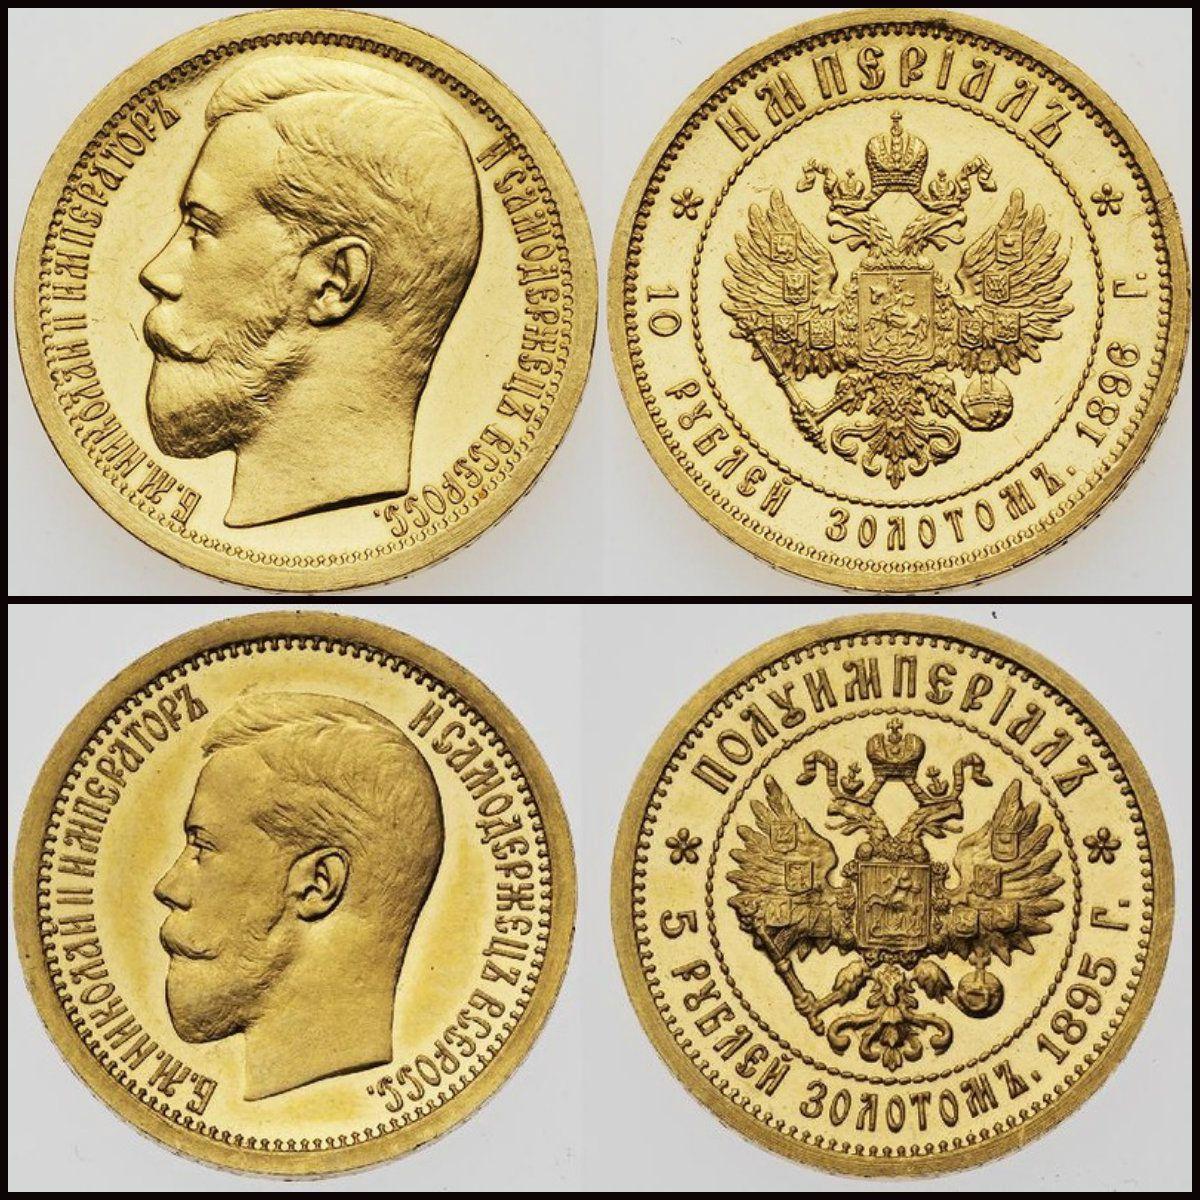 Банкноты номиналом 1 и 2 копейки во времена николая 2 одна копейка 1914 года